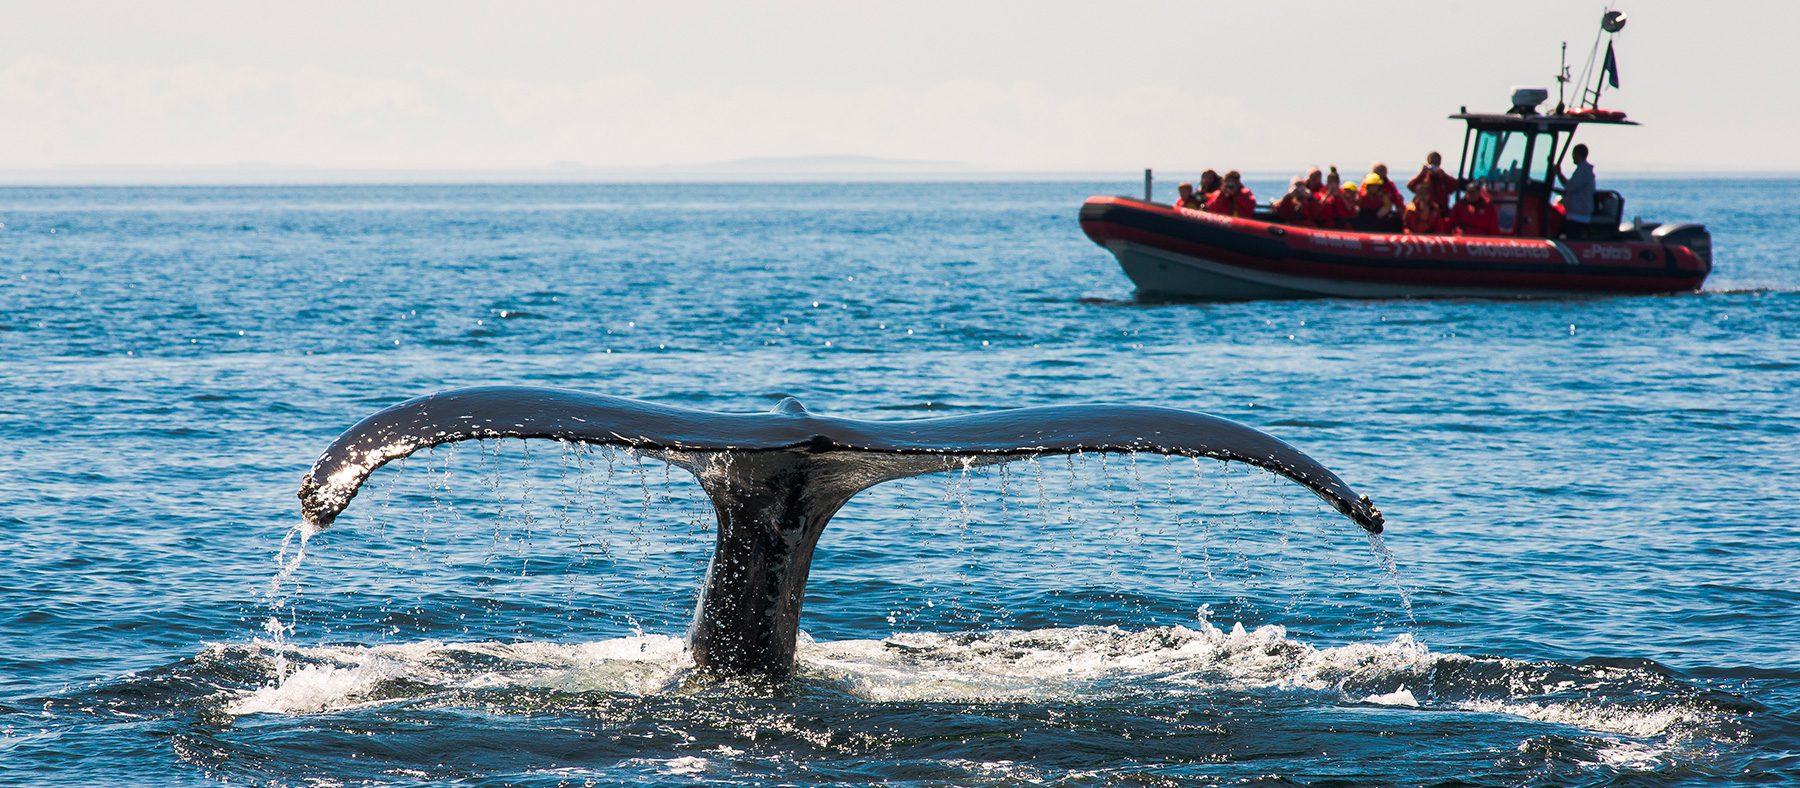 vivre-le-quebec-autochtone-observation-de-la-faune-baleine-quebec-le-mag